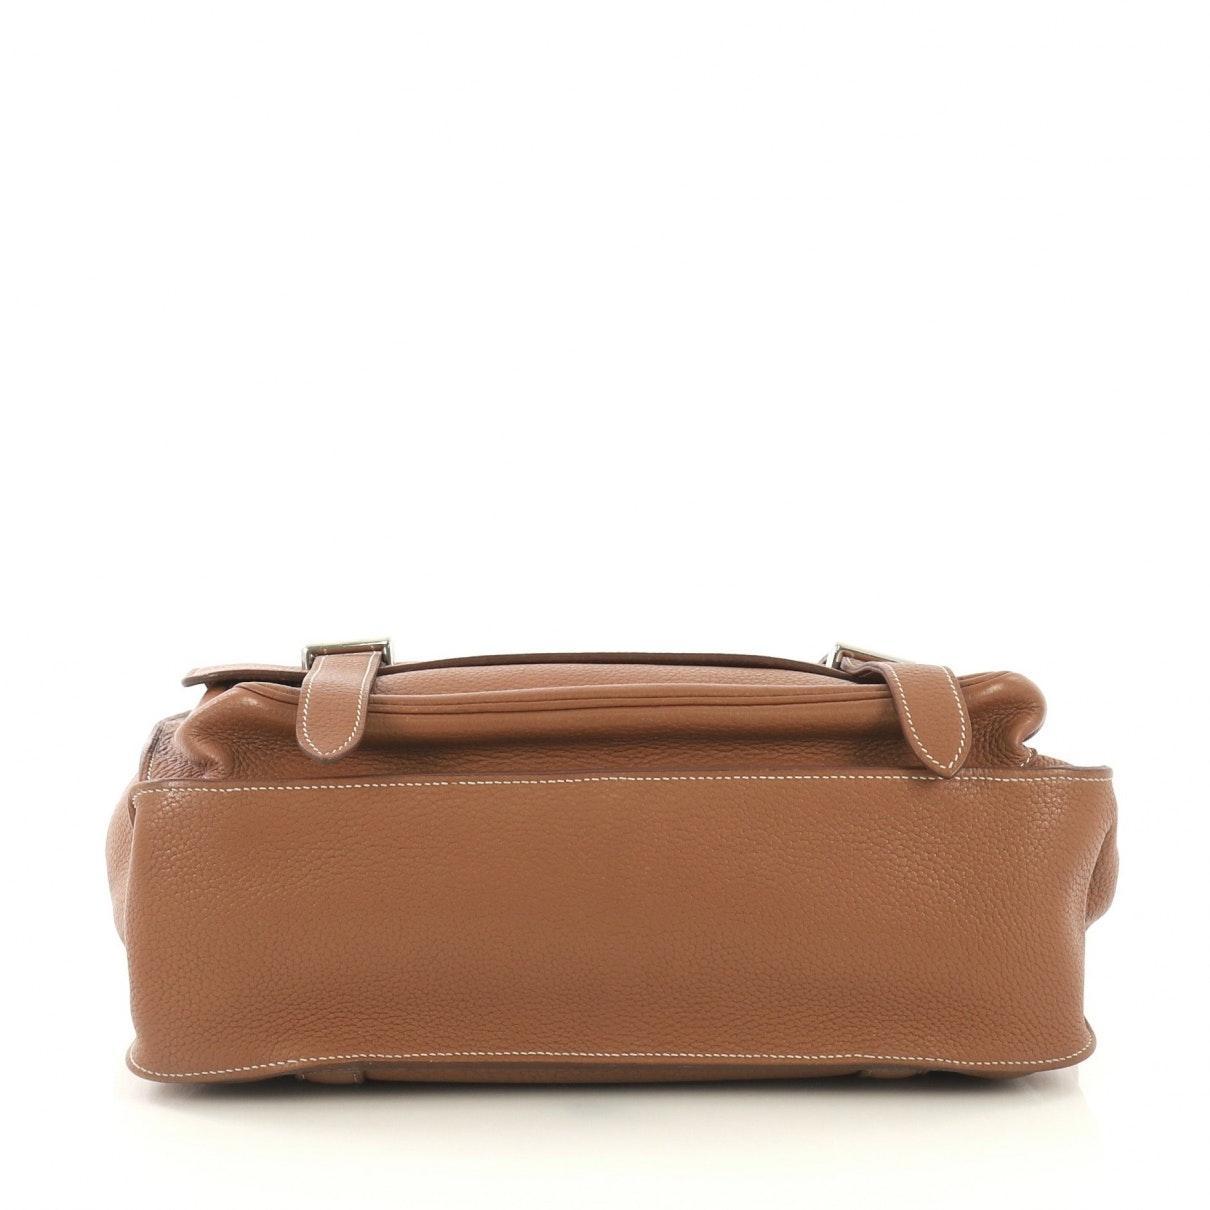 Hermès Leder Handtaschen in Braun KEtFY